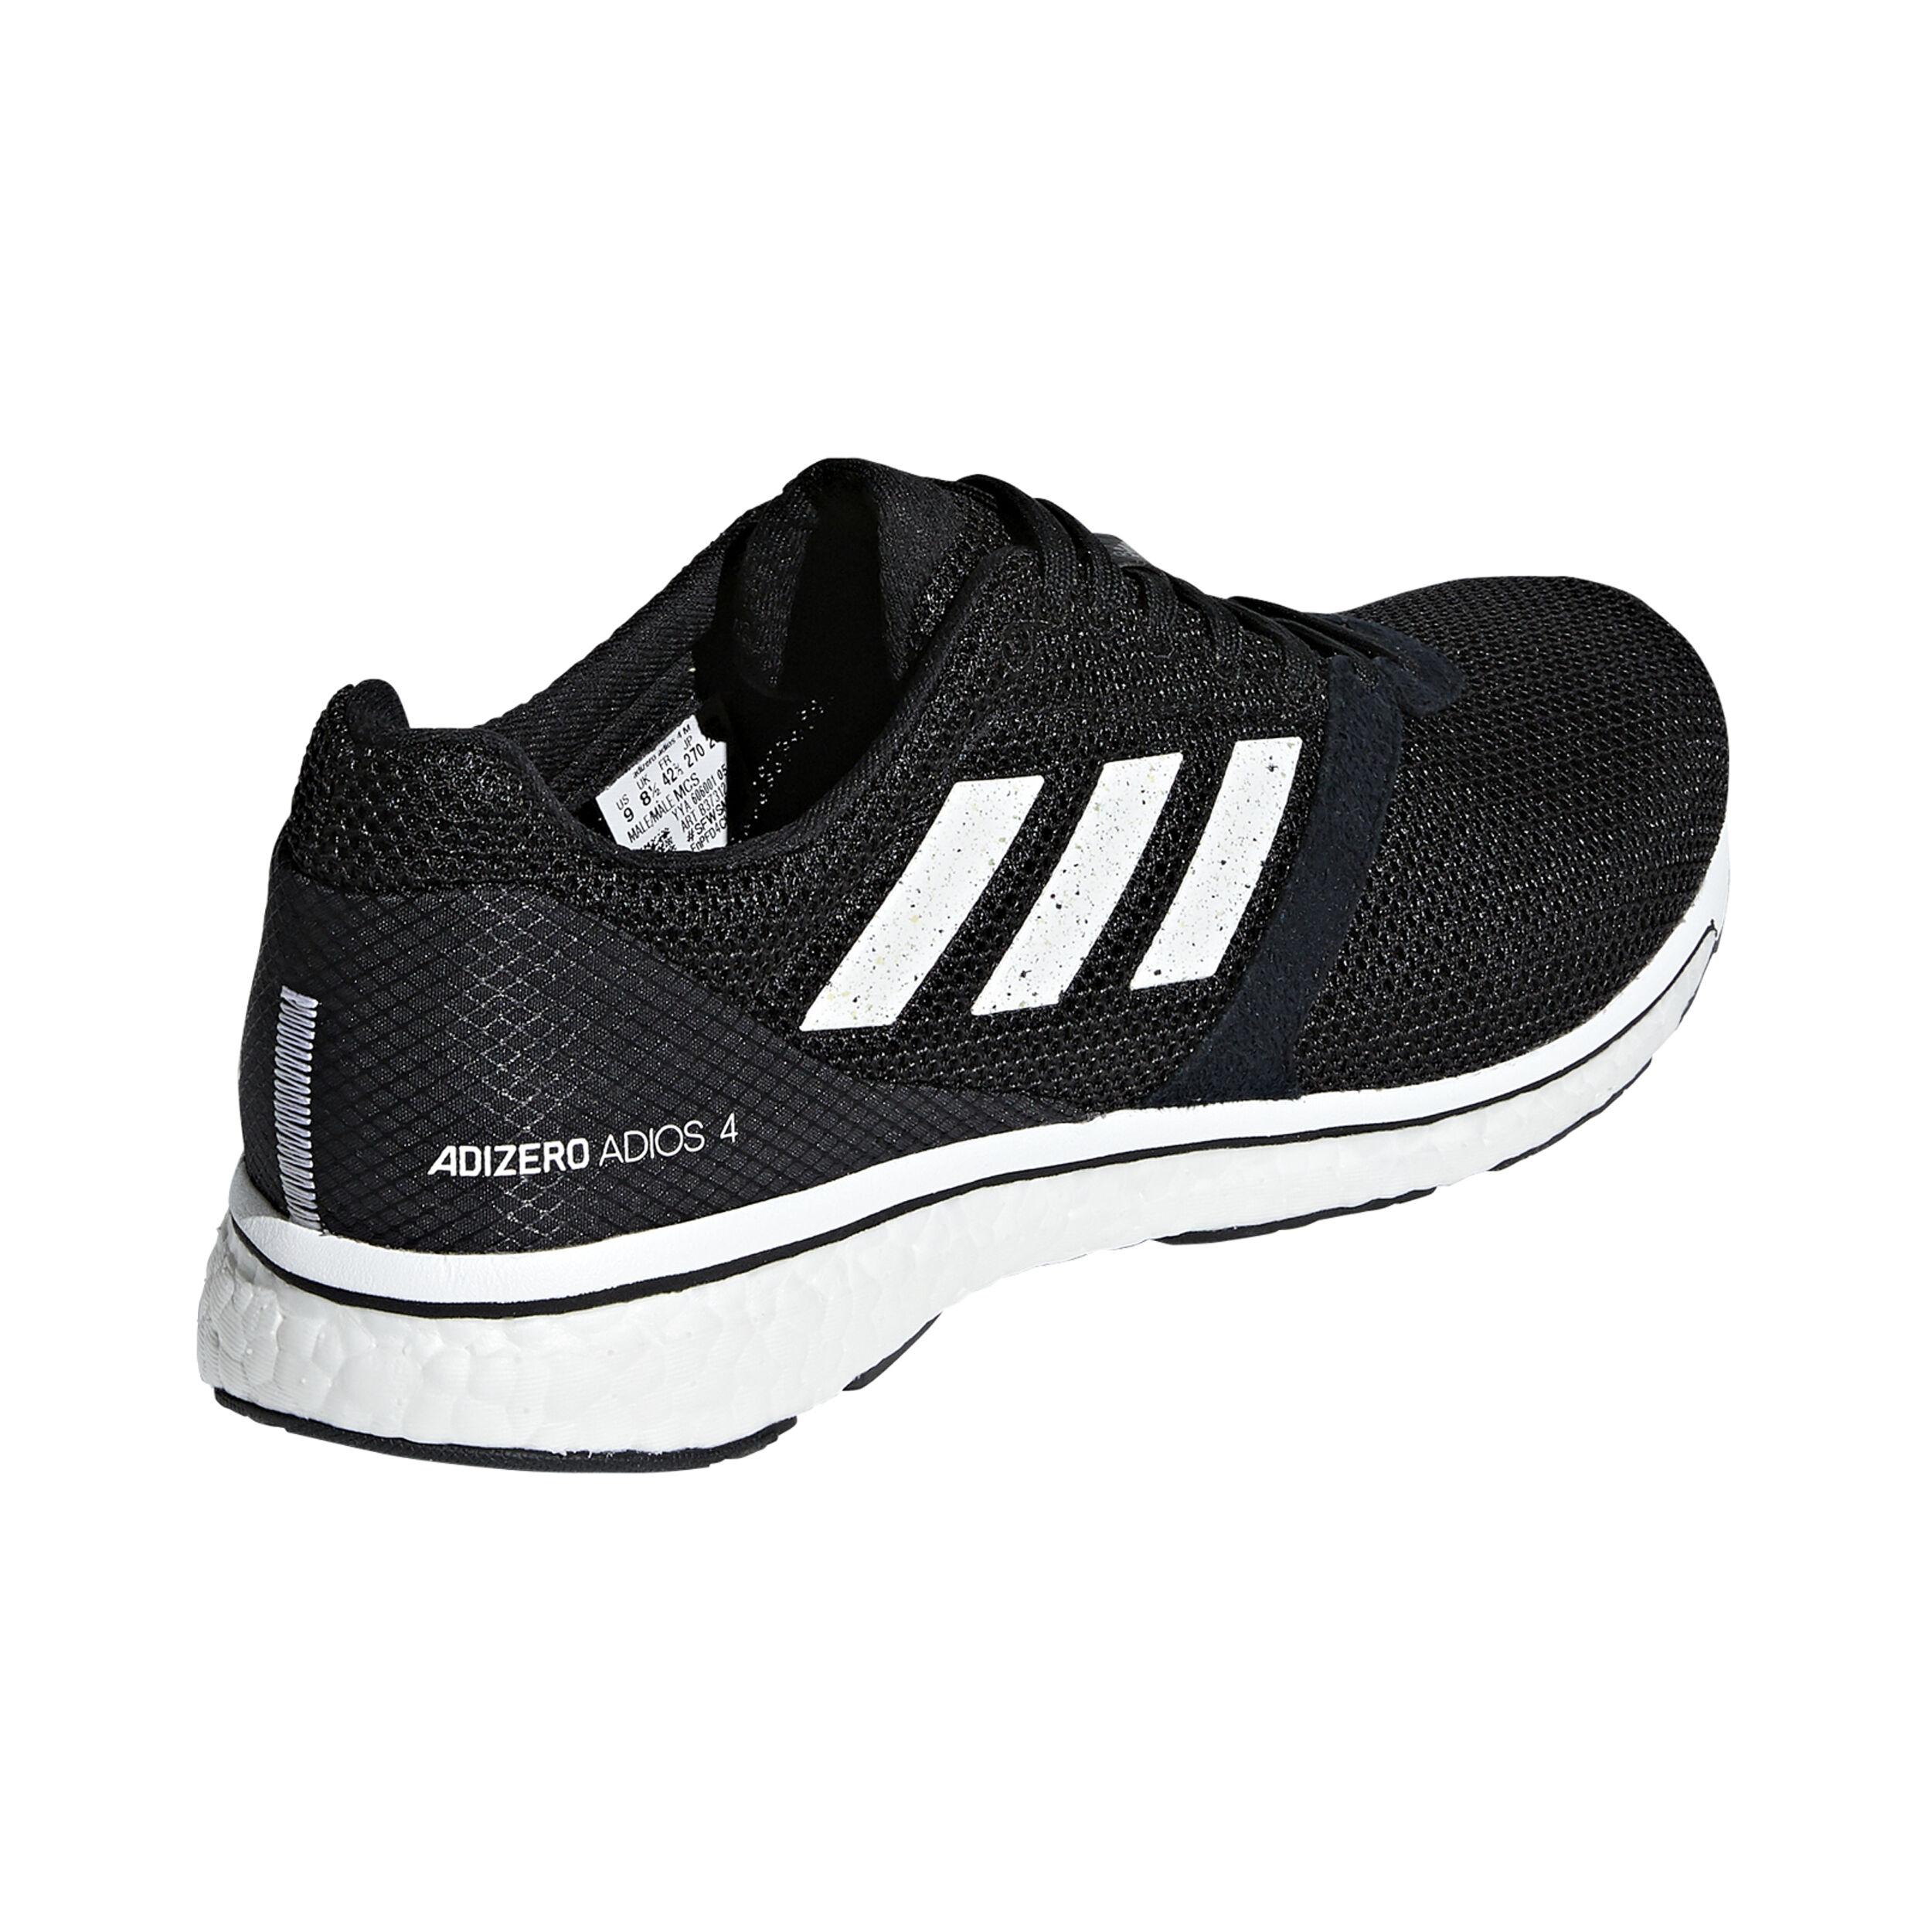 Adios Adizero Adidas 4 SchwarzDunkelgrau Wettkampfschuh Herren Nvmw8n0